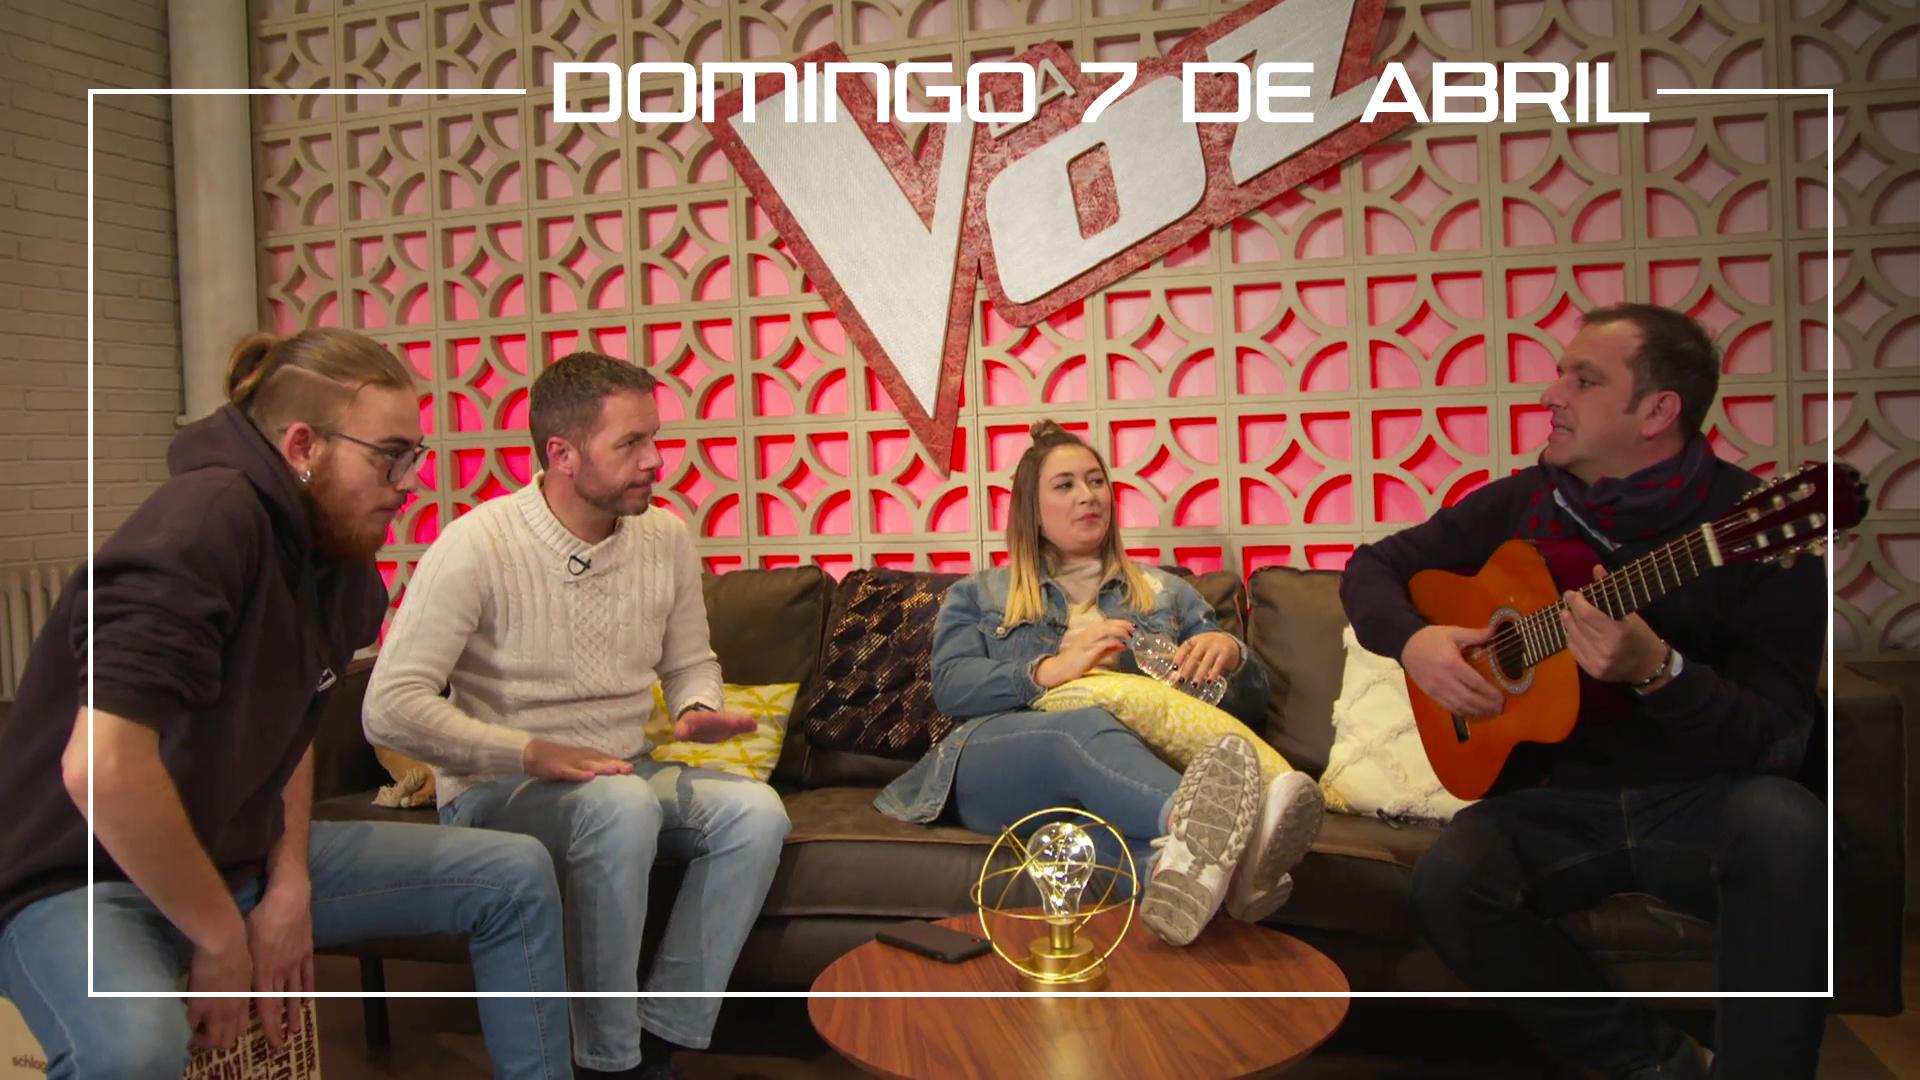 Domingo 7 de abril Los finalistas cantan juntos con la guitarra